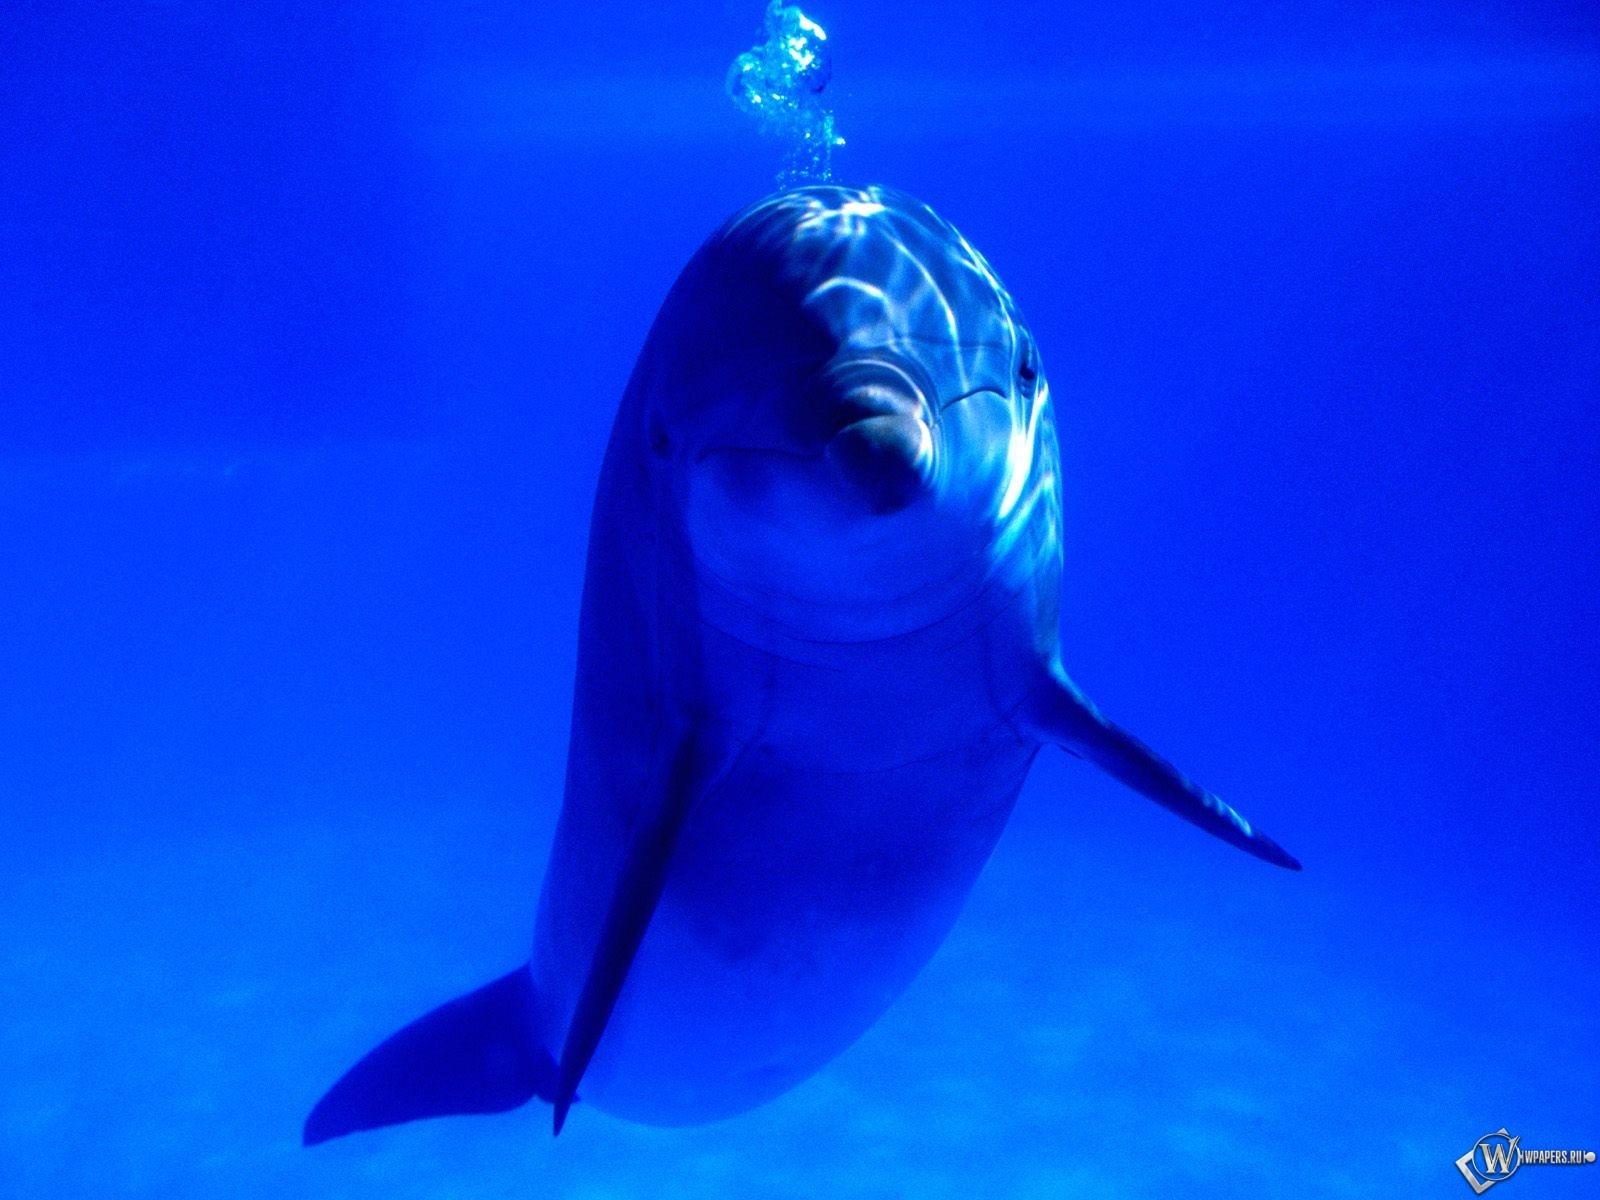 Дельфин и пузыри 1600x1200